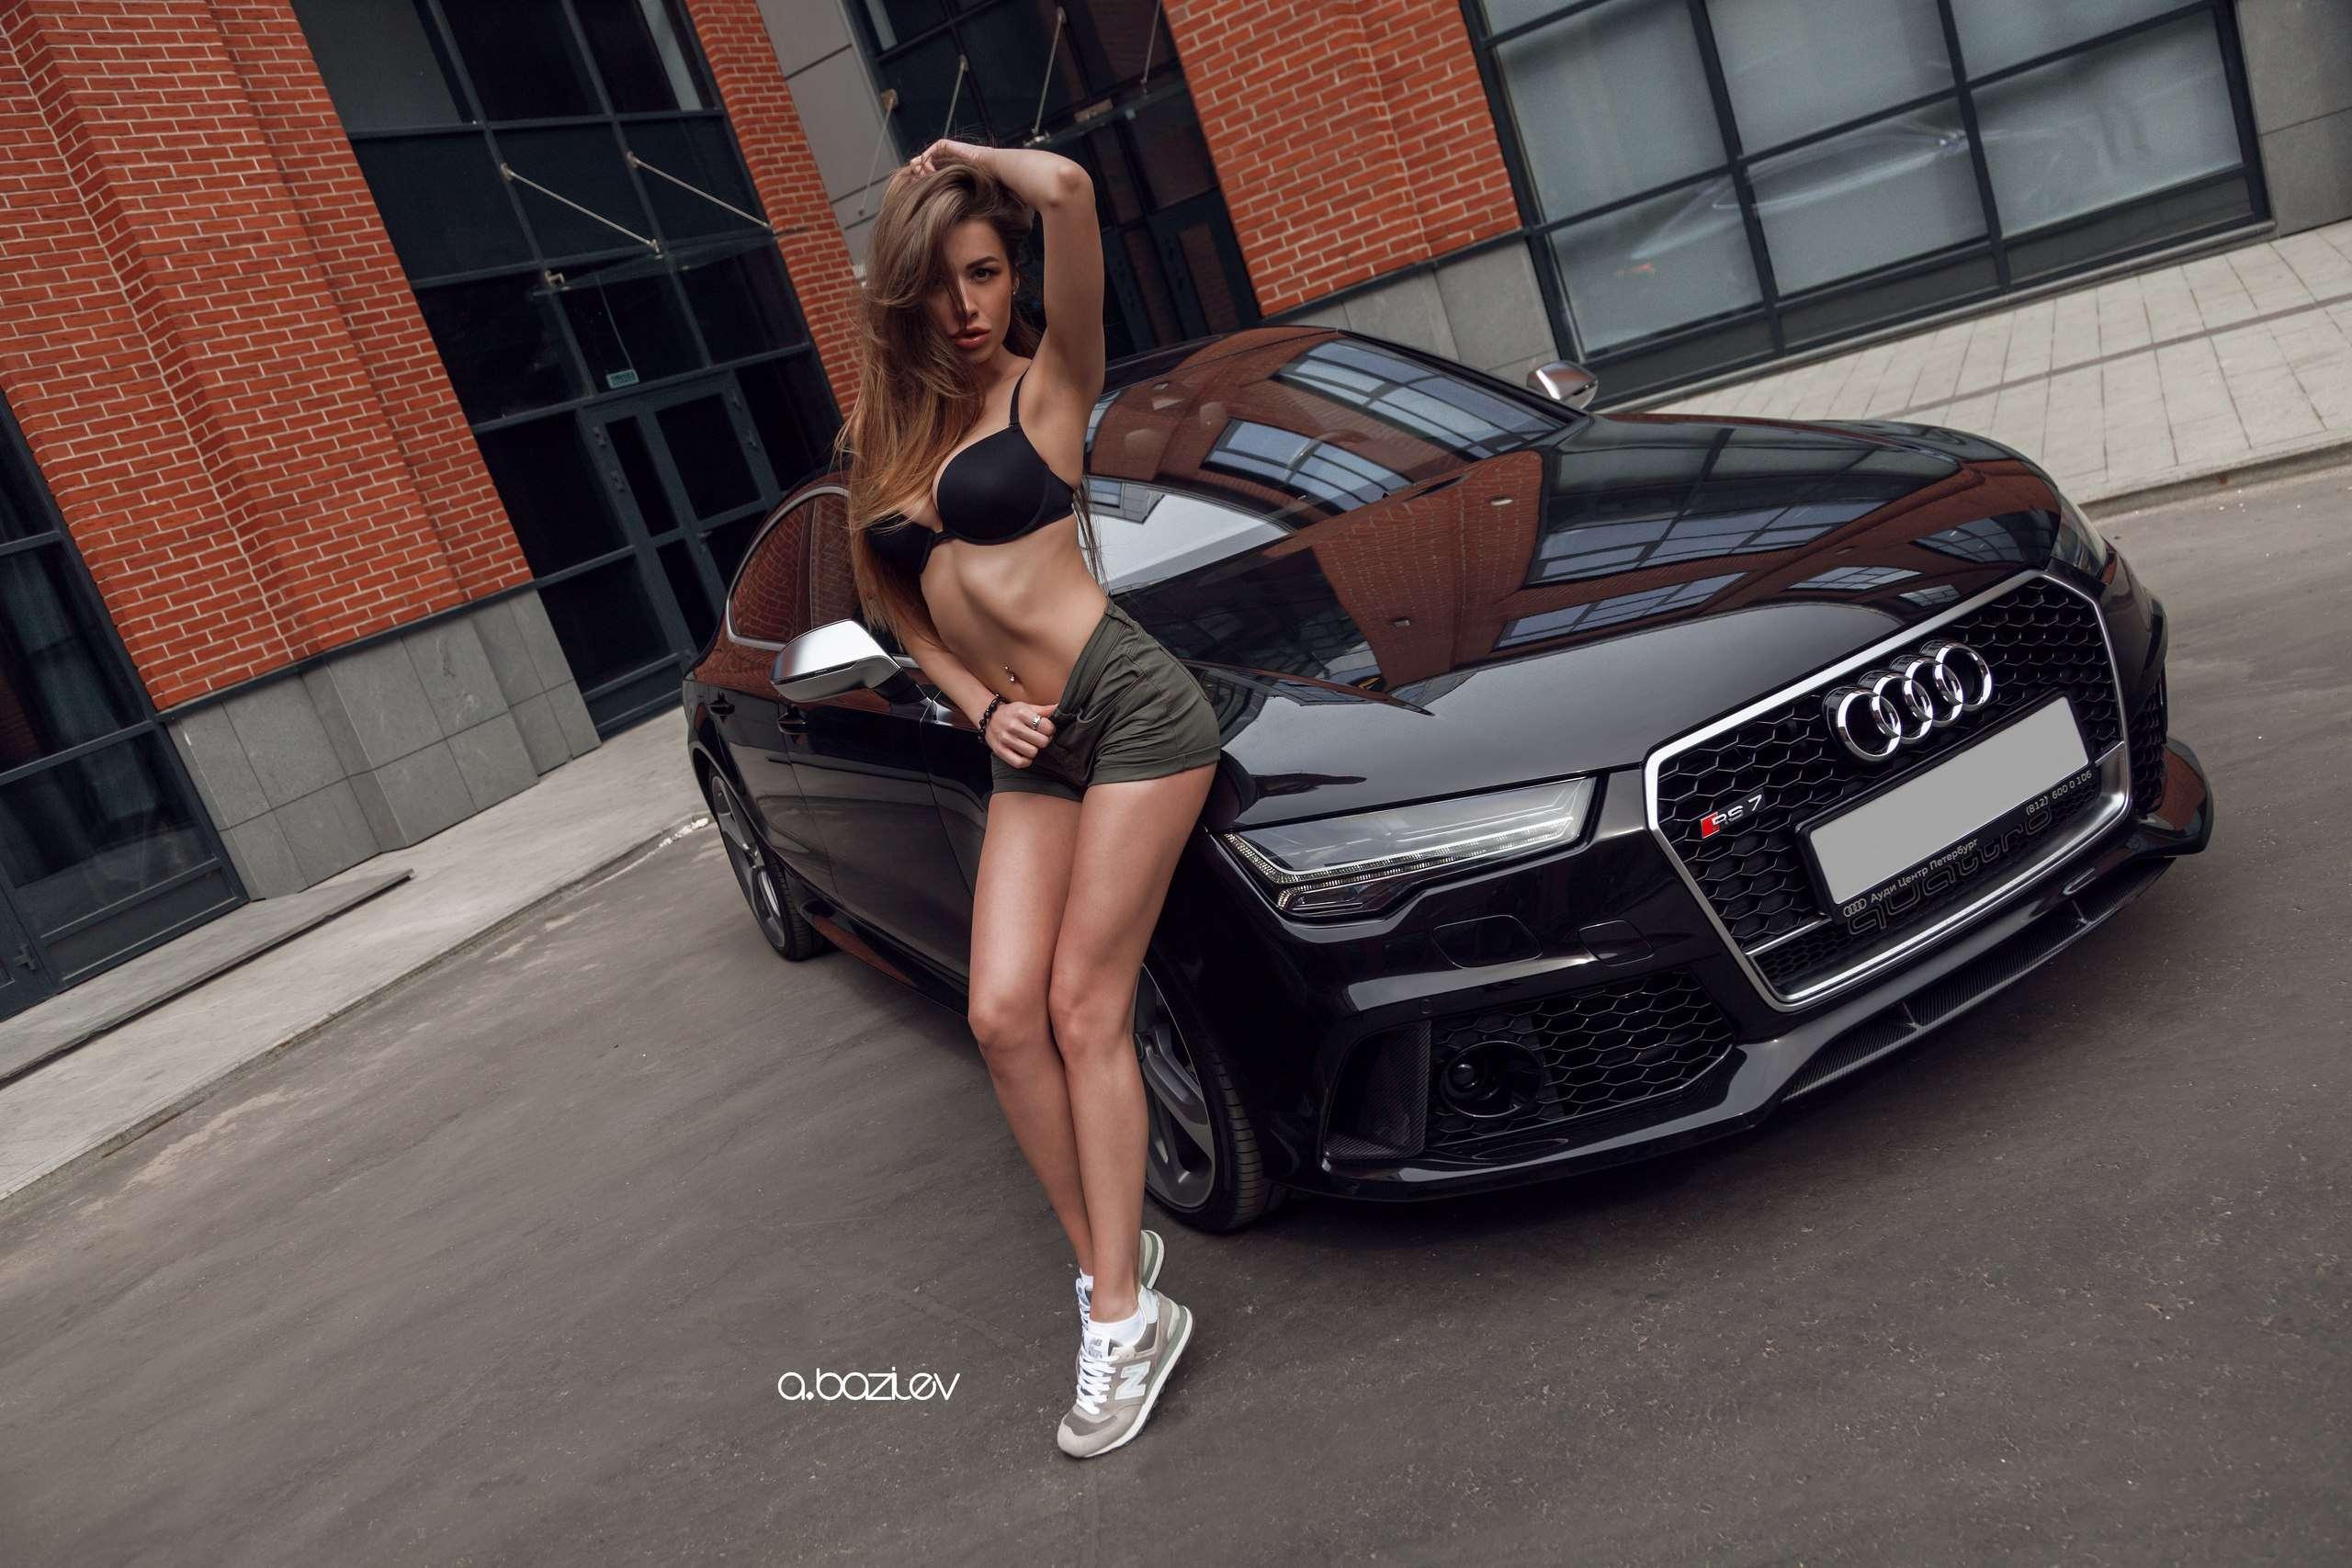 yKXDkatoayE - Сексуальные девушки и автомобили (часть 10)